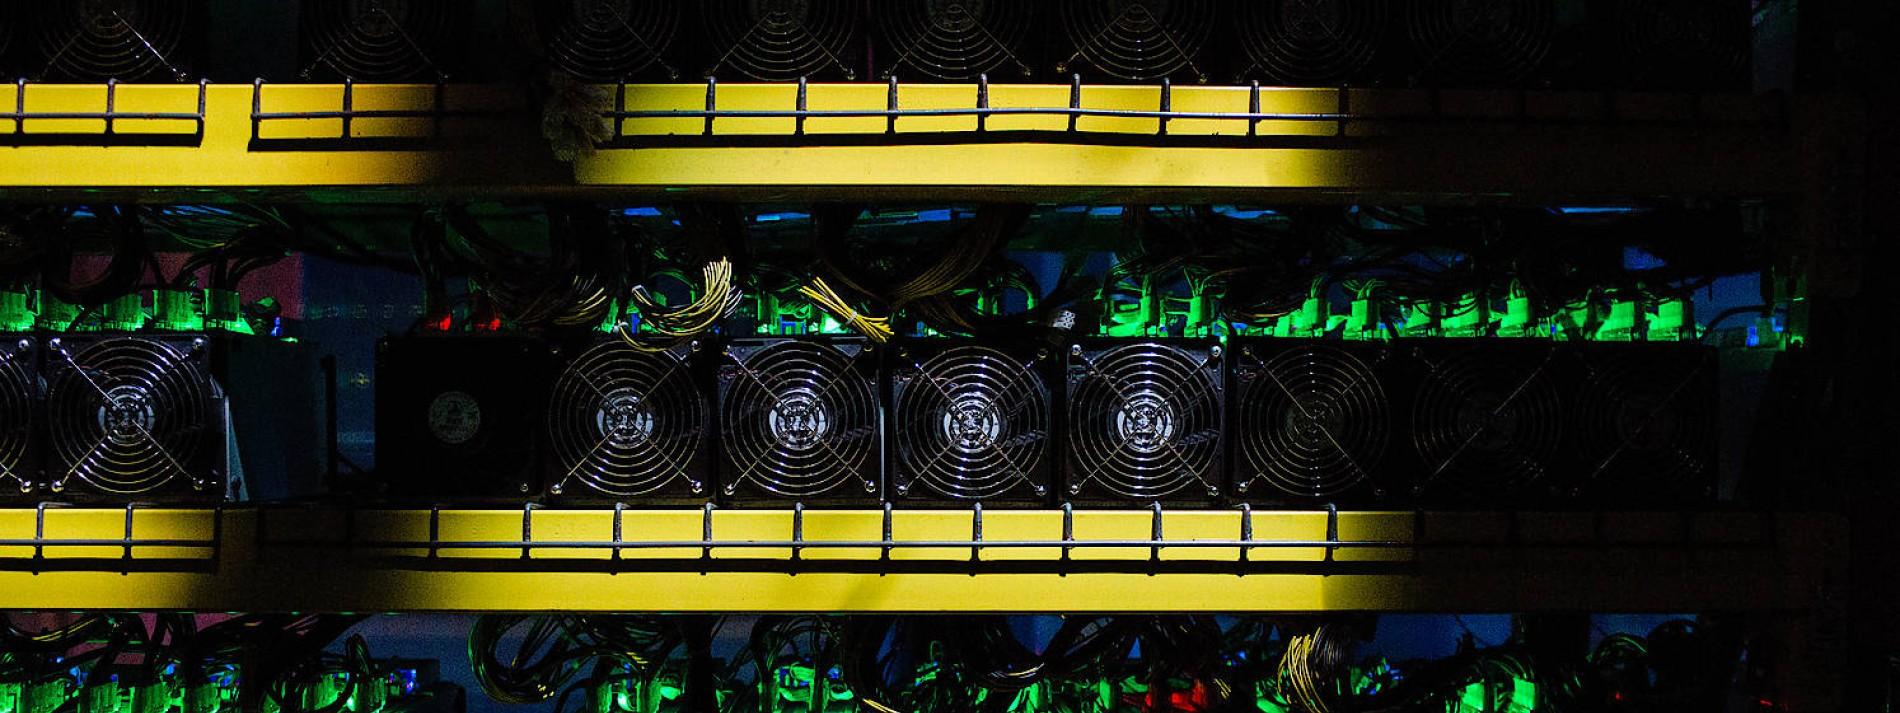 Die Suche nach den verschwundenen Bitcoin-Milliarden